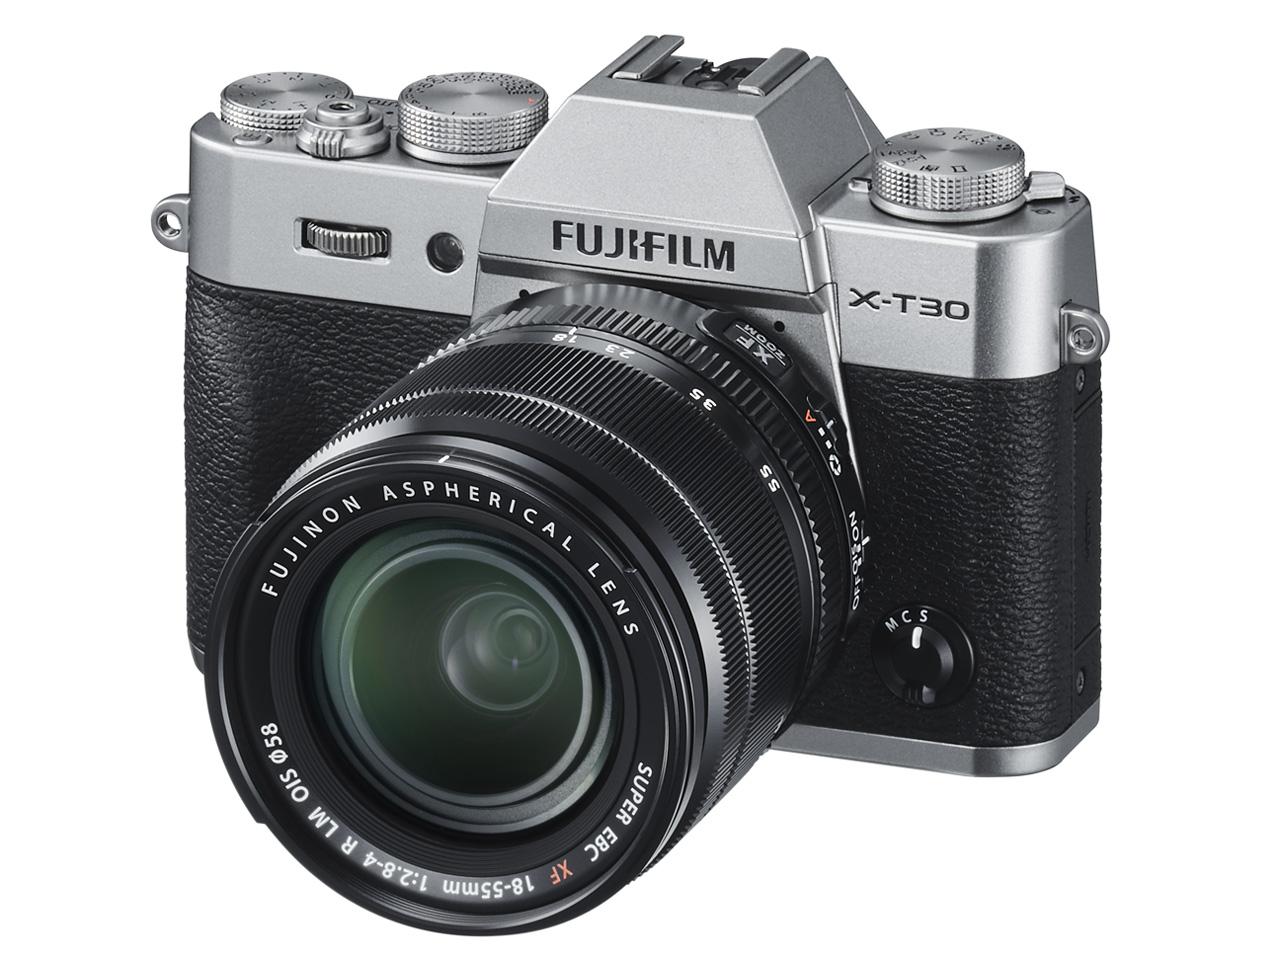 富士フィルム X-T30 XF18-55mmレンズキット ブラック [ミラーレス一眼カメラ(2610万画素)] デジタル一眼カメラ